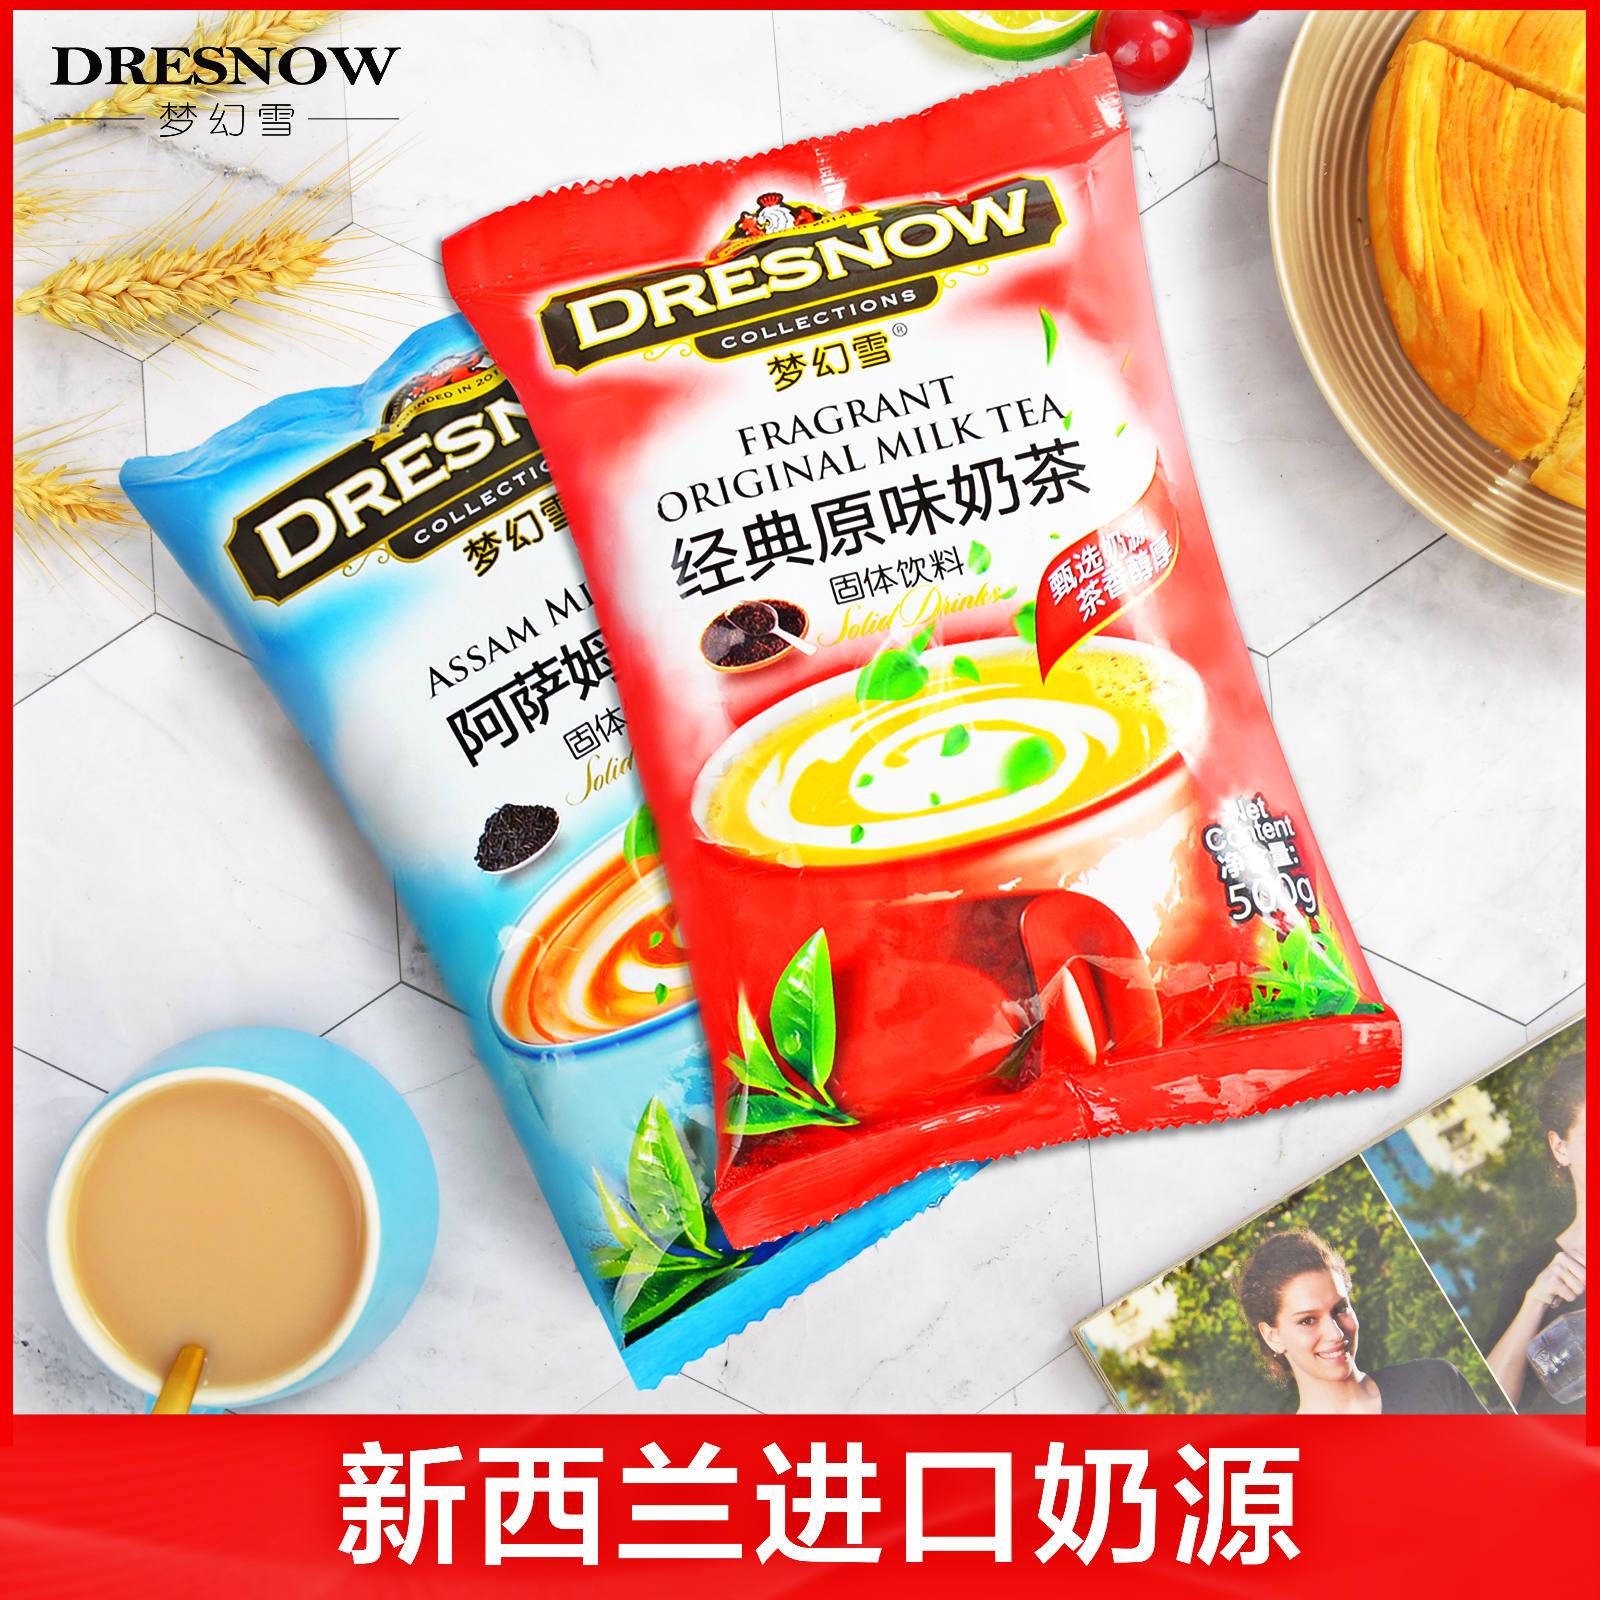 梦幻雪原味阿萨姆奶茶袋装手摇奶茶粉奶茶店专用大包装速溶奶茶